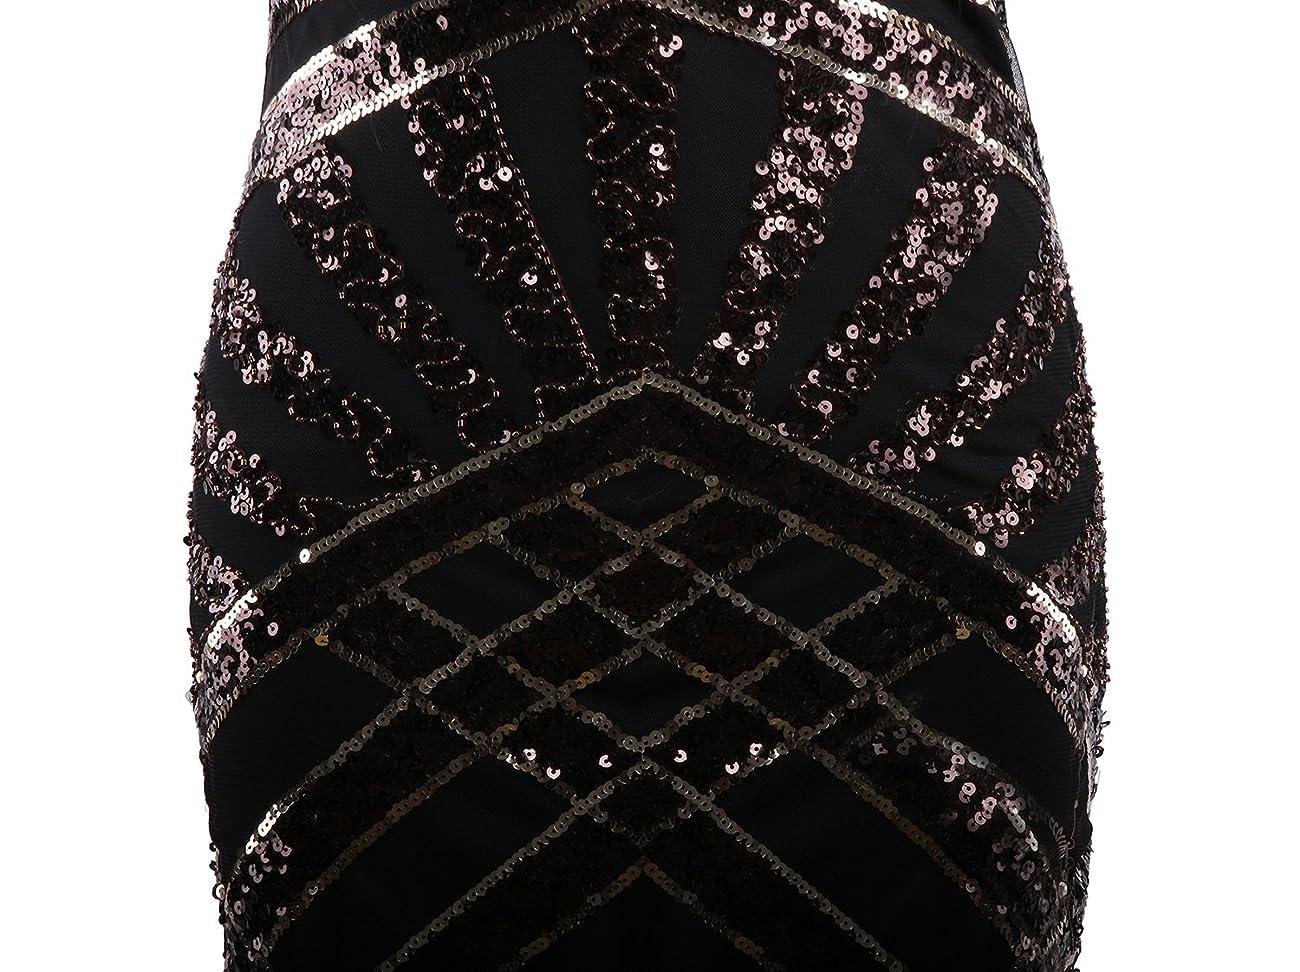 Vijiv Vintage 1920s Embellished Art Nouveau Fringe Sequin Beaded Flapper Dress 4